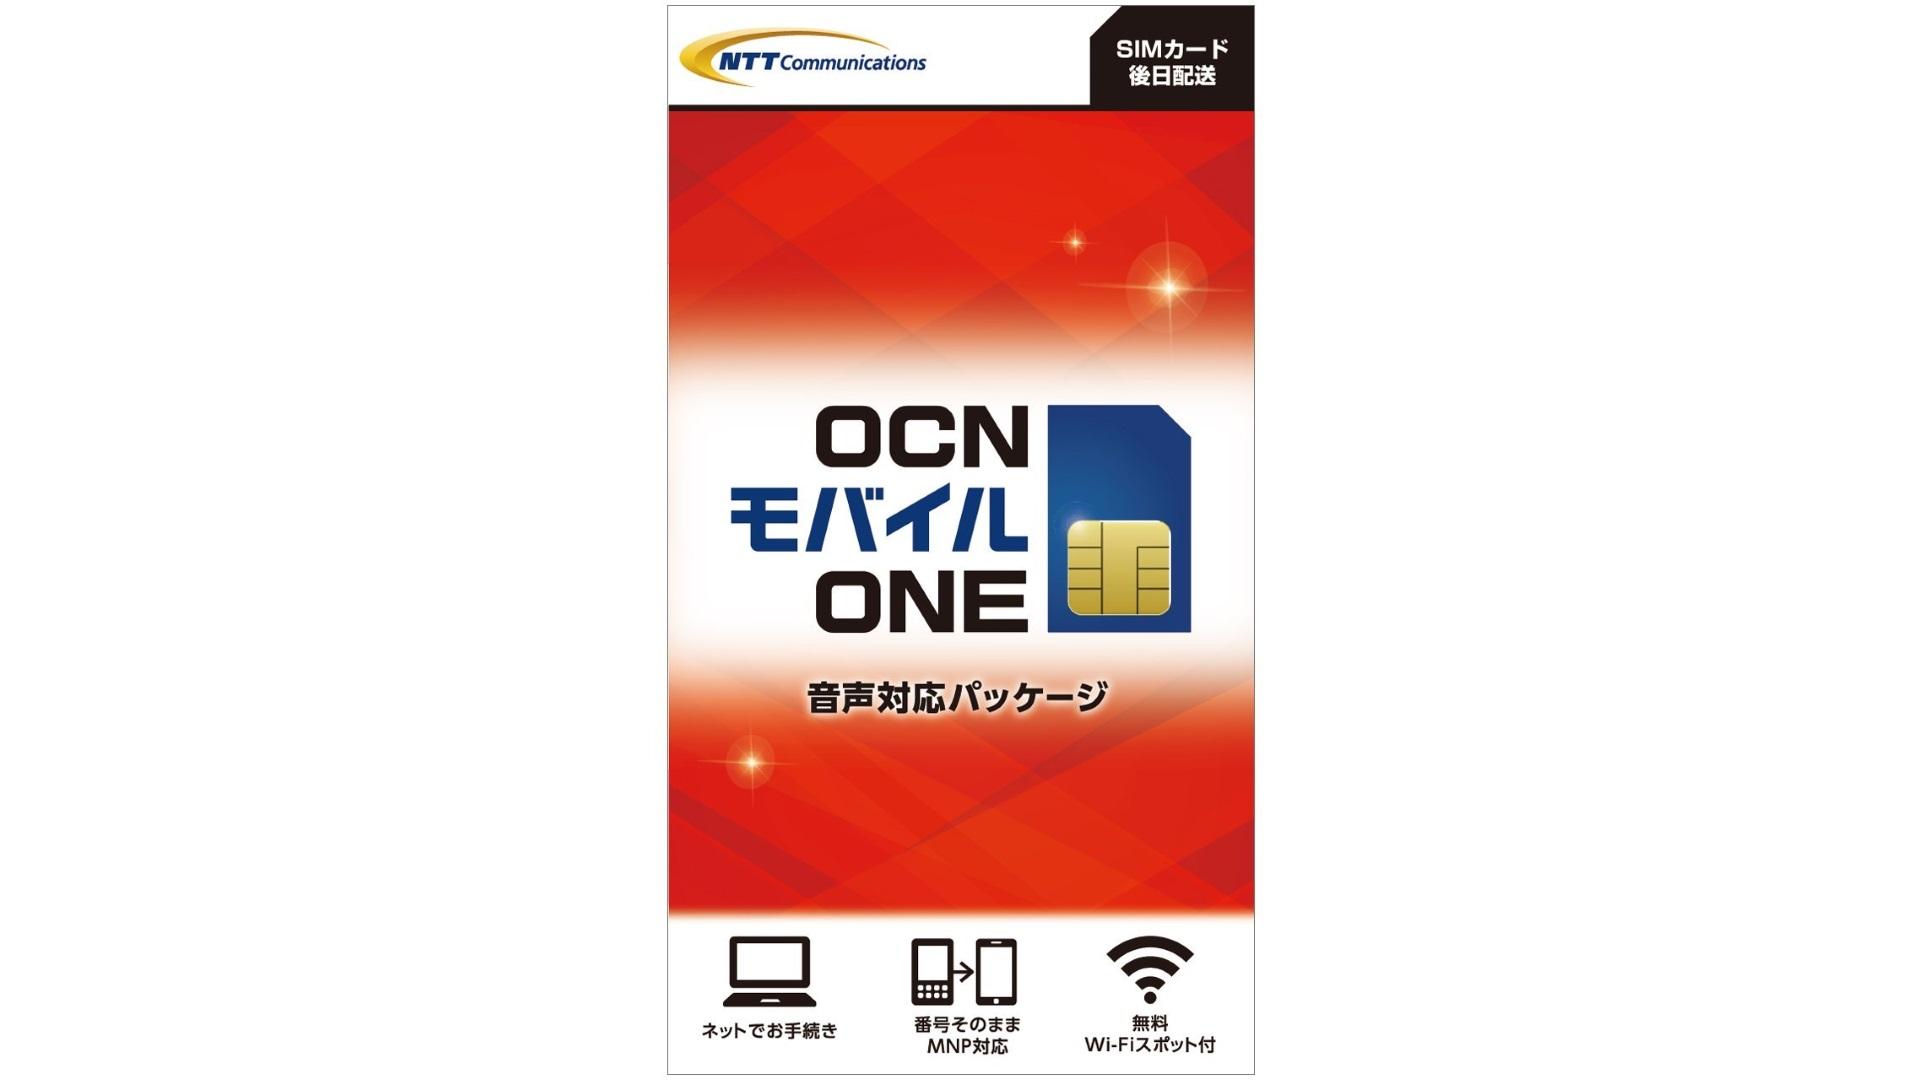 「OCNモバイルONE」音声通話対応SIMパッケージがたったの117円、更に1年間割引も